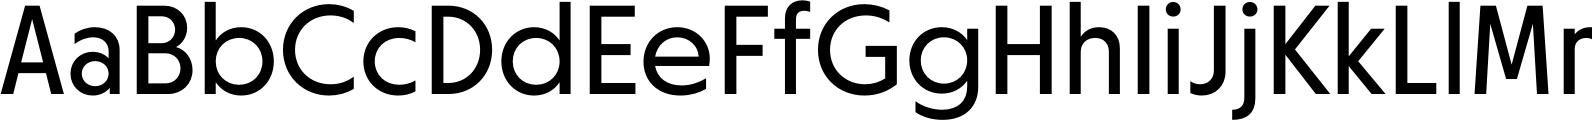 Otterco